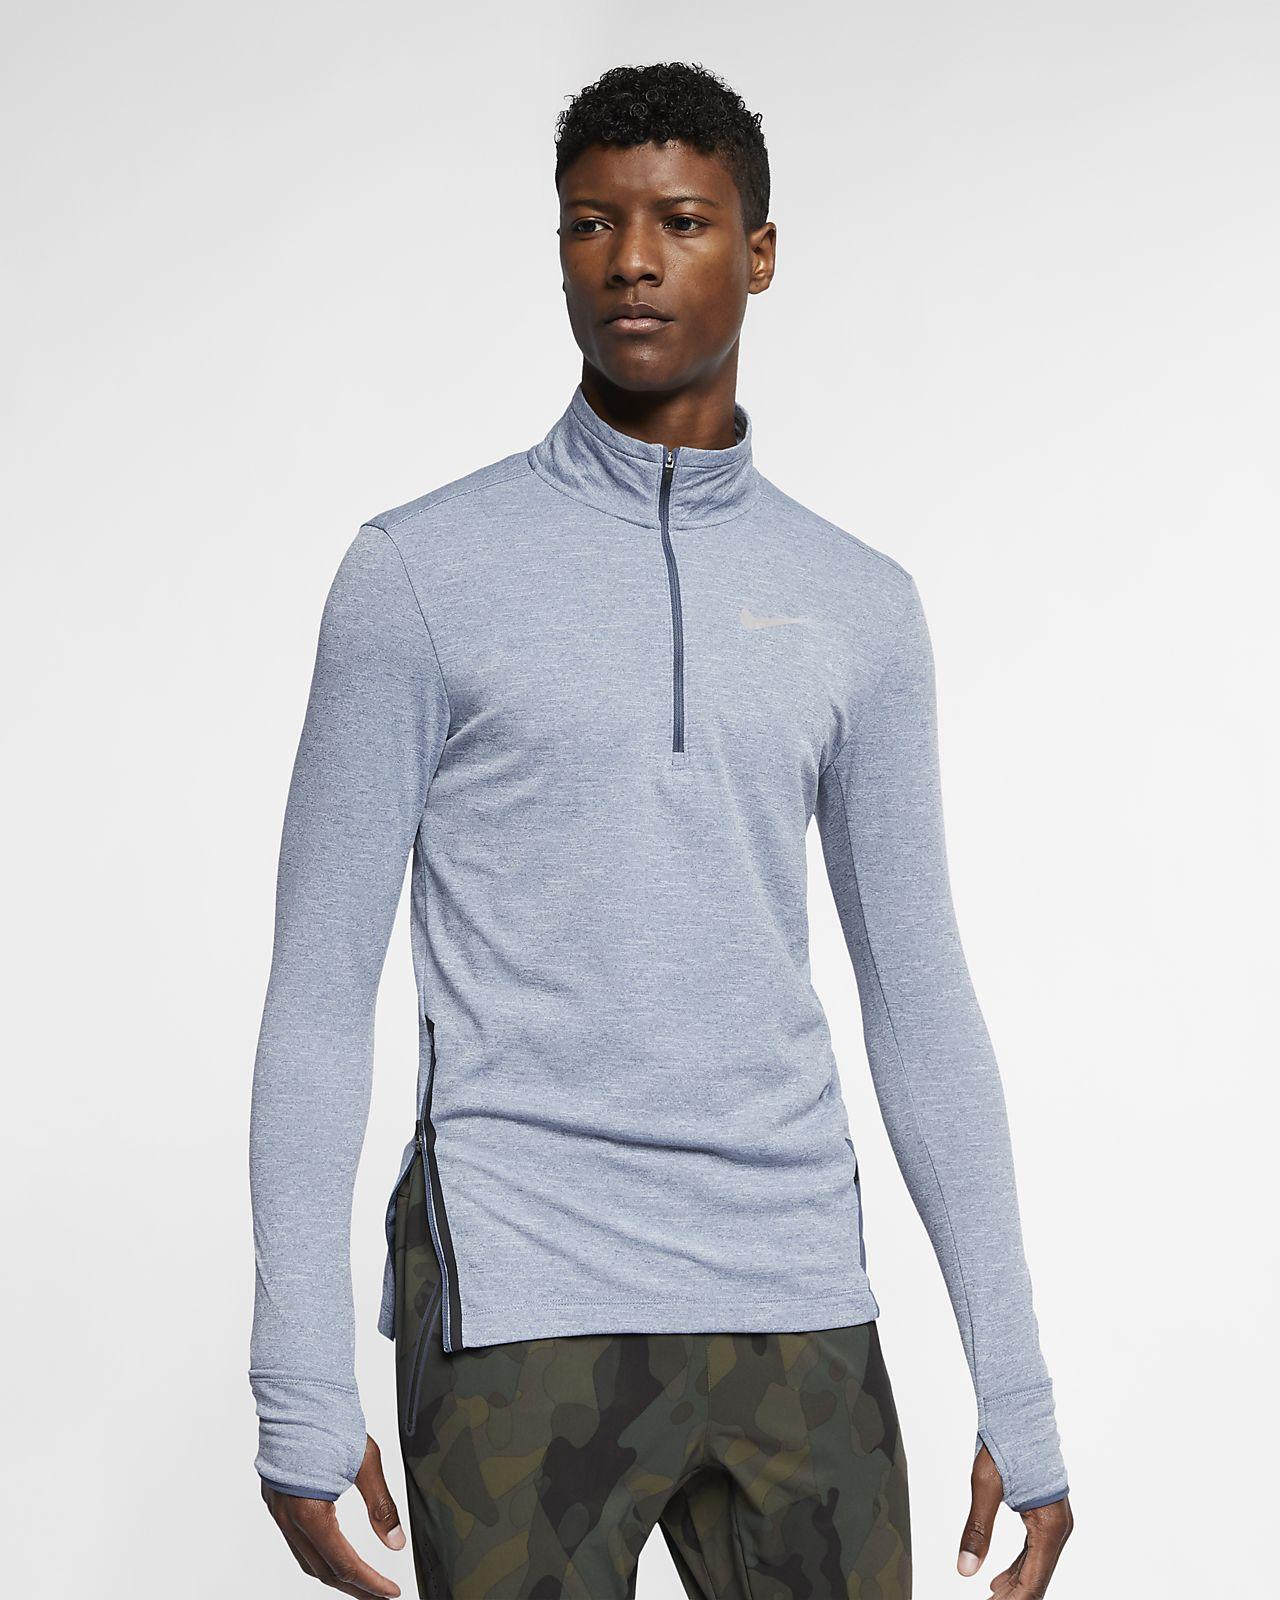 Nike Therma Sphere Element Men's 1/2-Zip Running Top